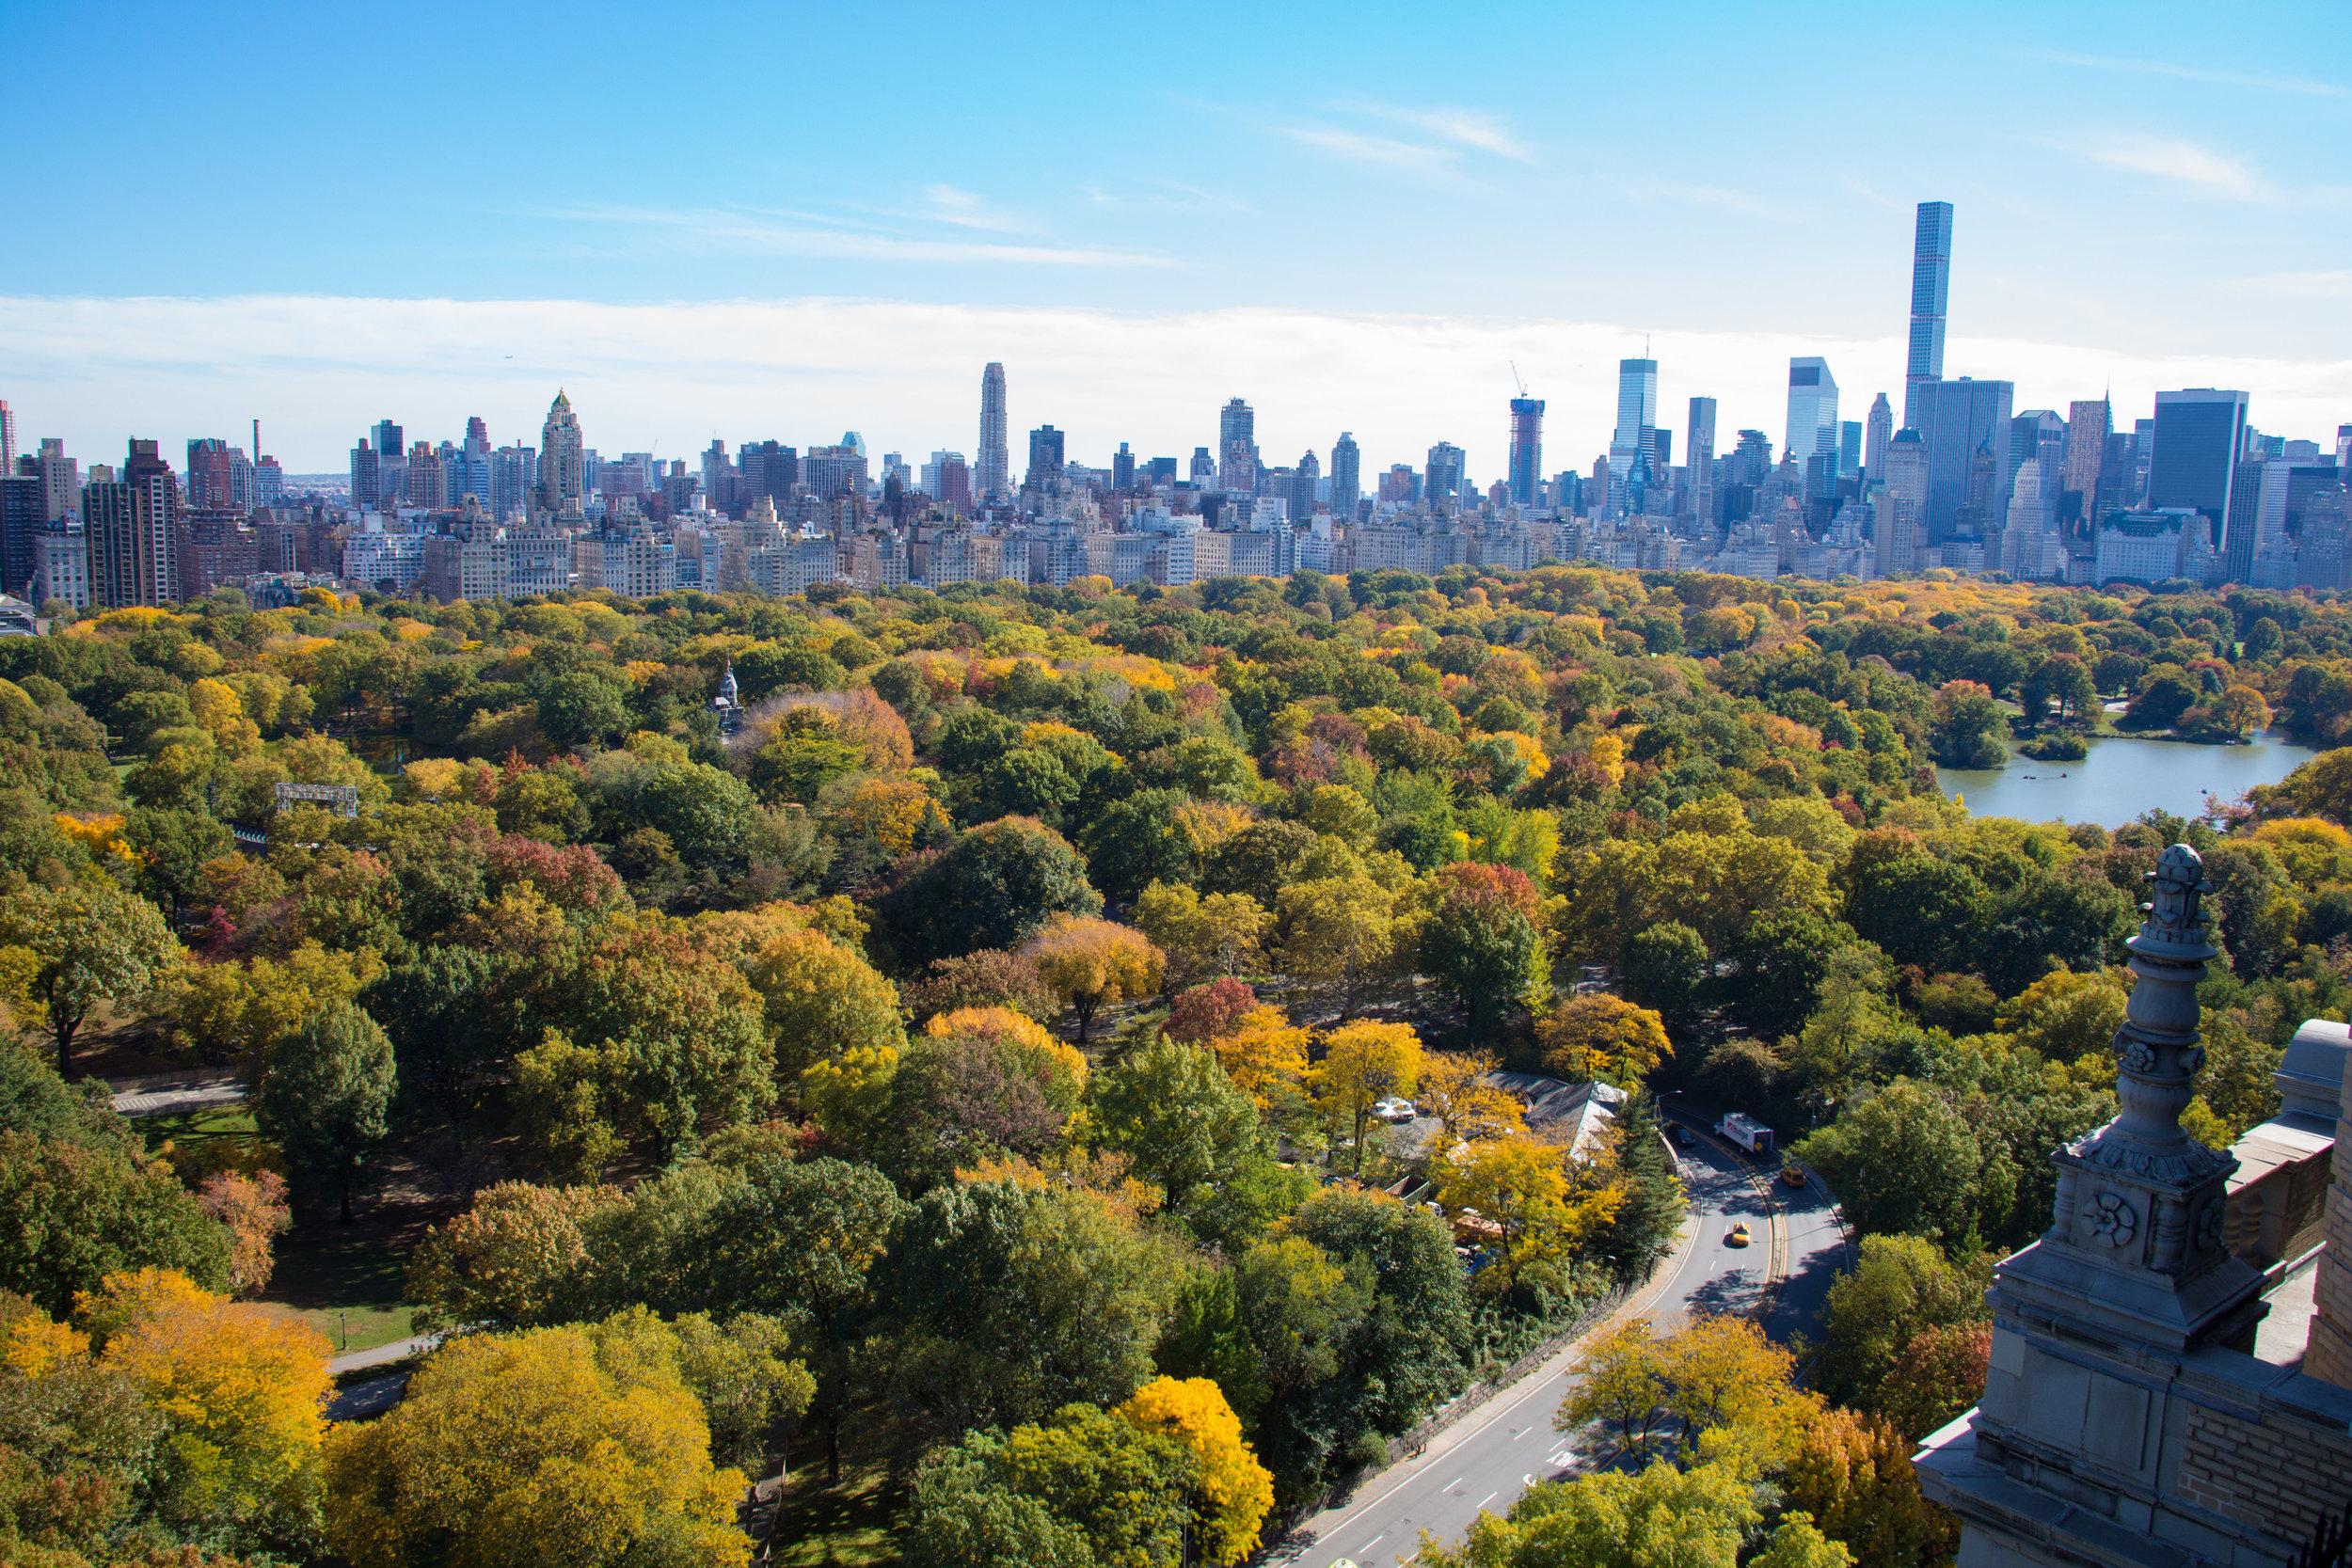 LSNY_Central_Park_Views-4.jpg